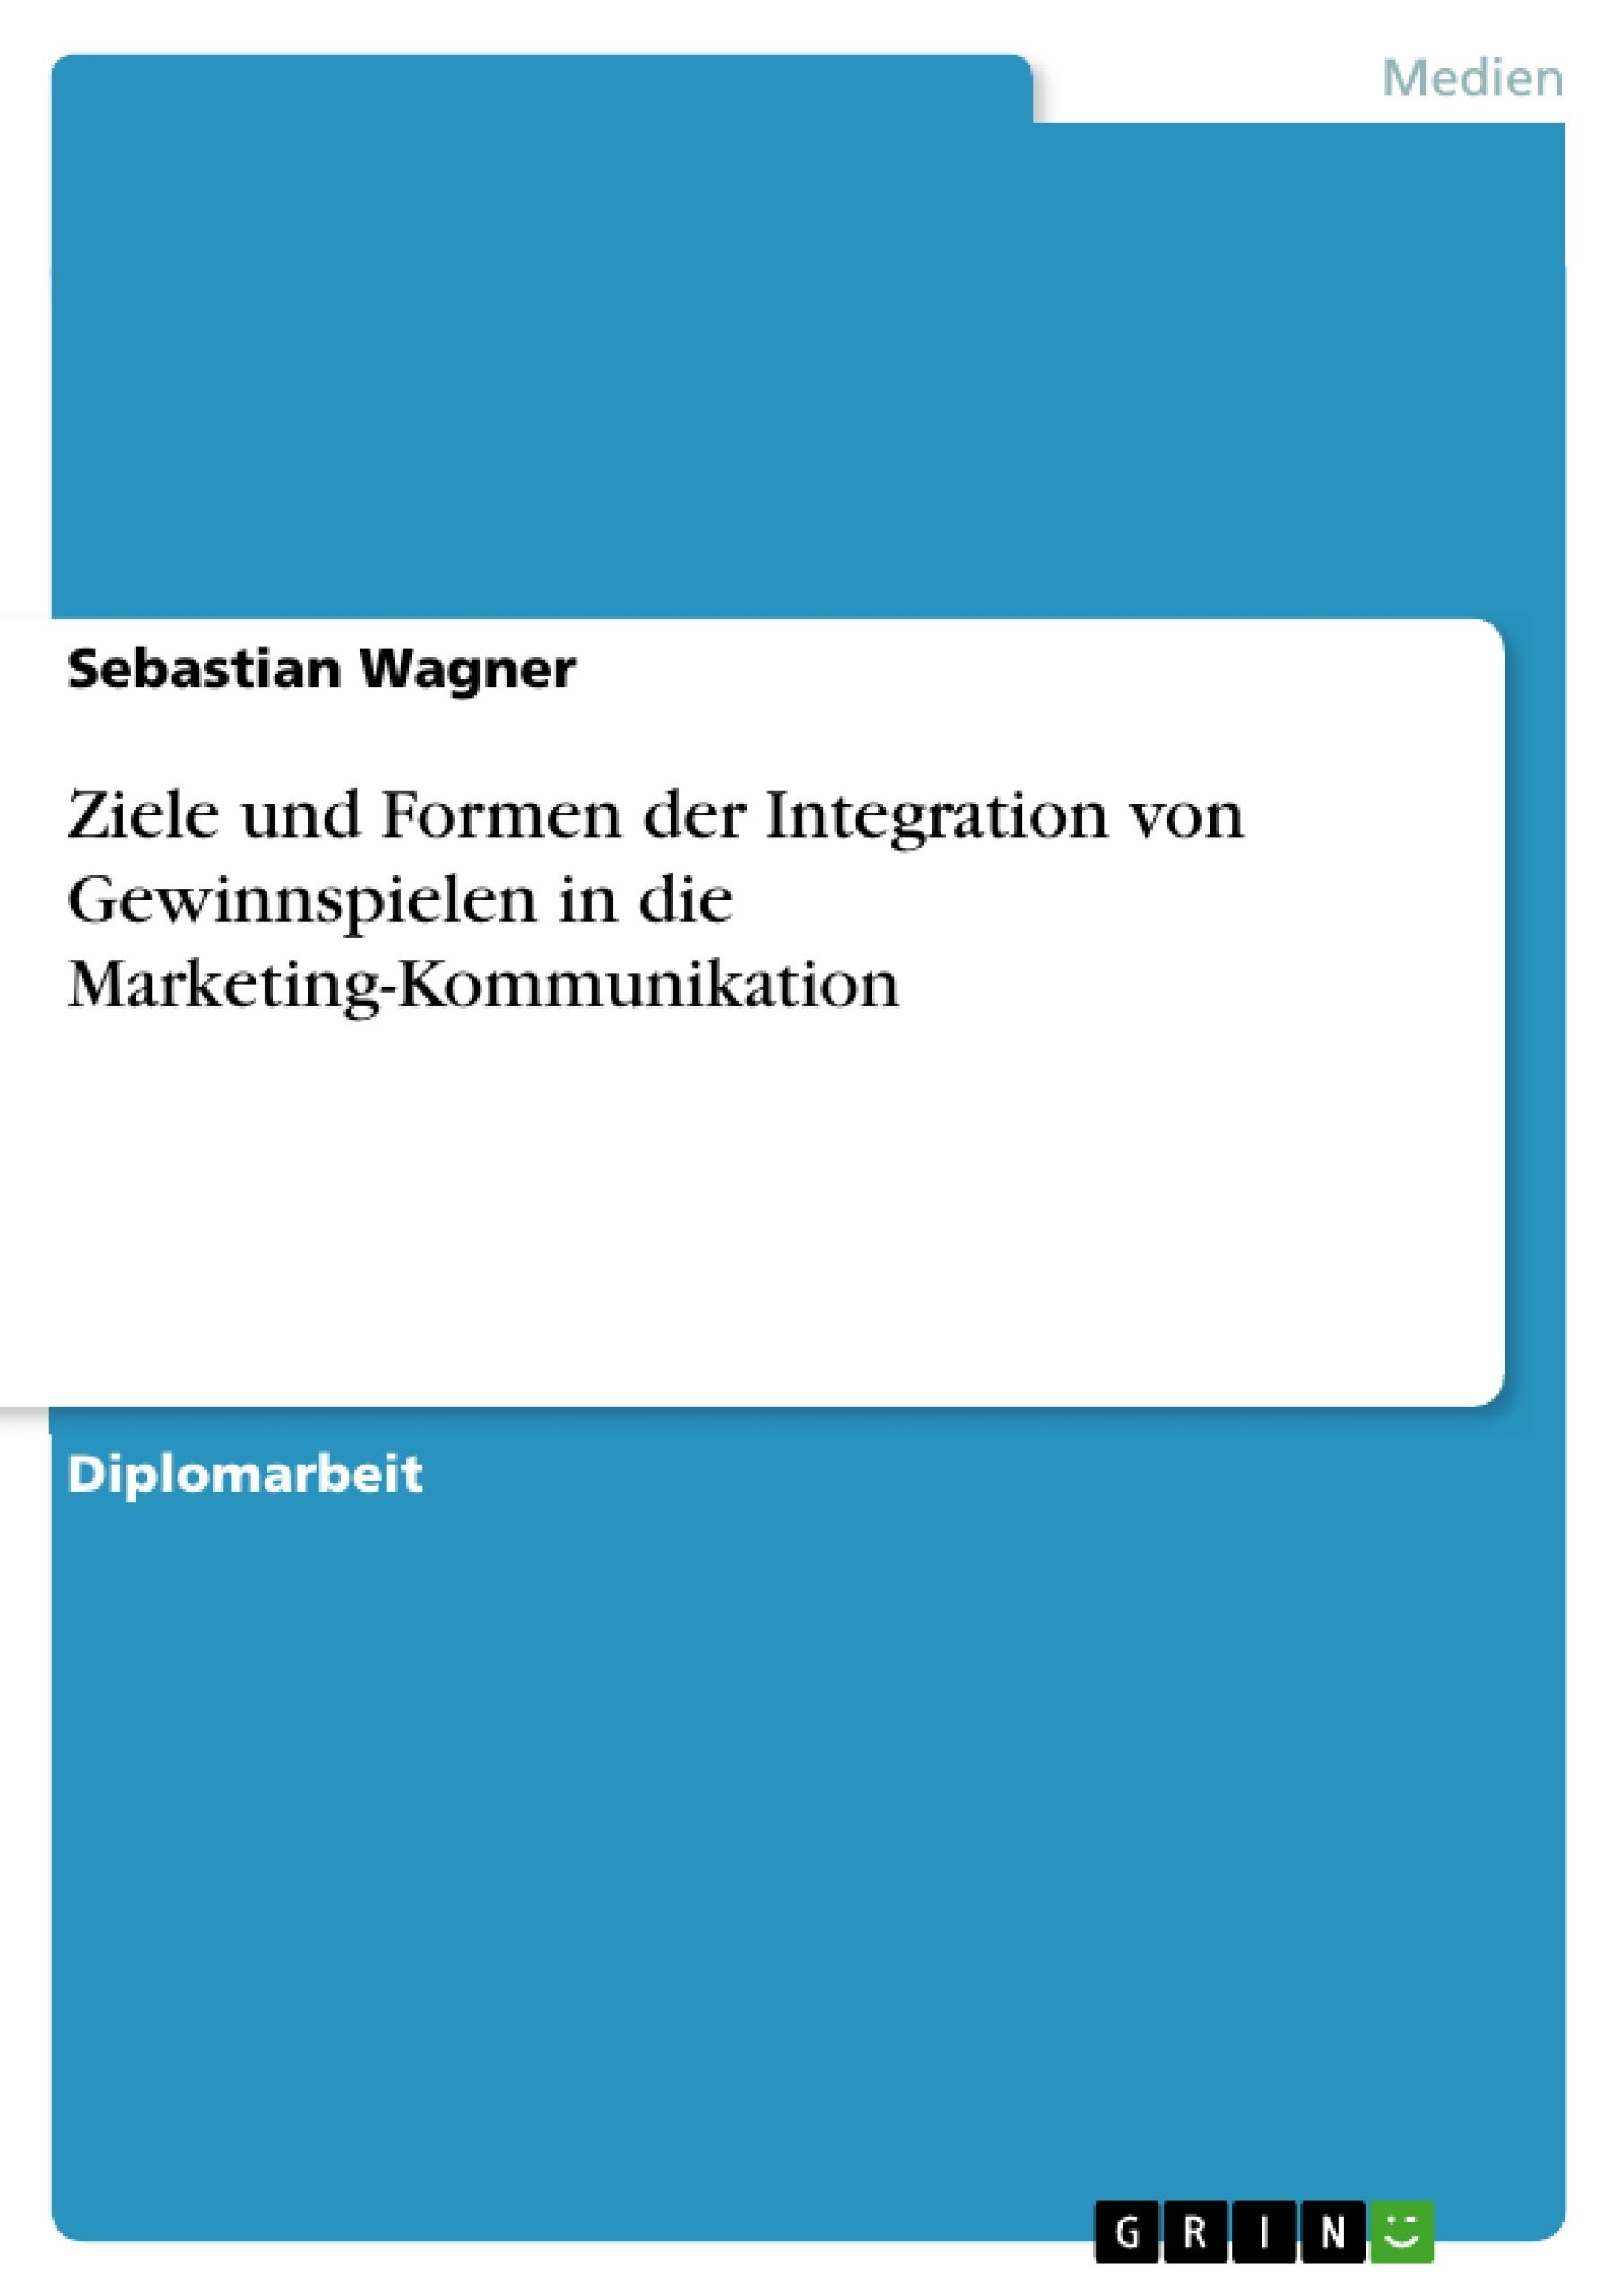 Titel: Ziele und Formen der Integration von Gewinnspielen in die Marketing-Kommunikation